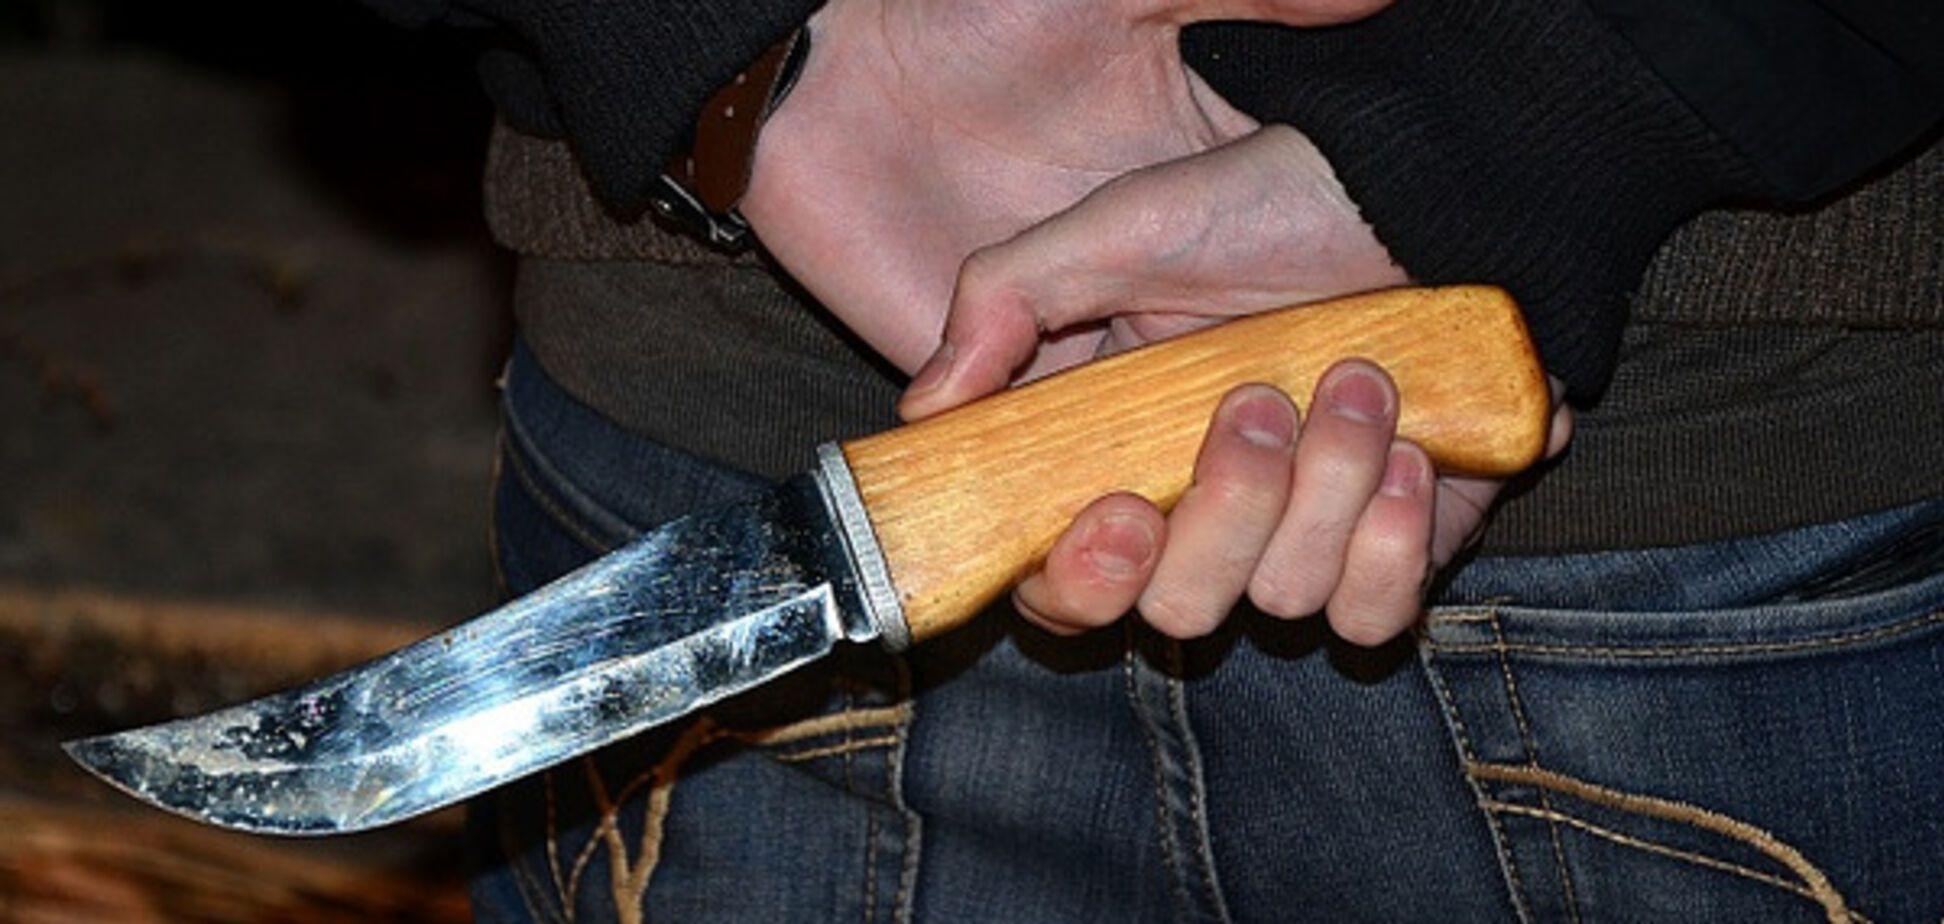 вдарив ножем